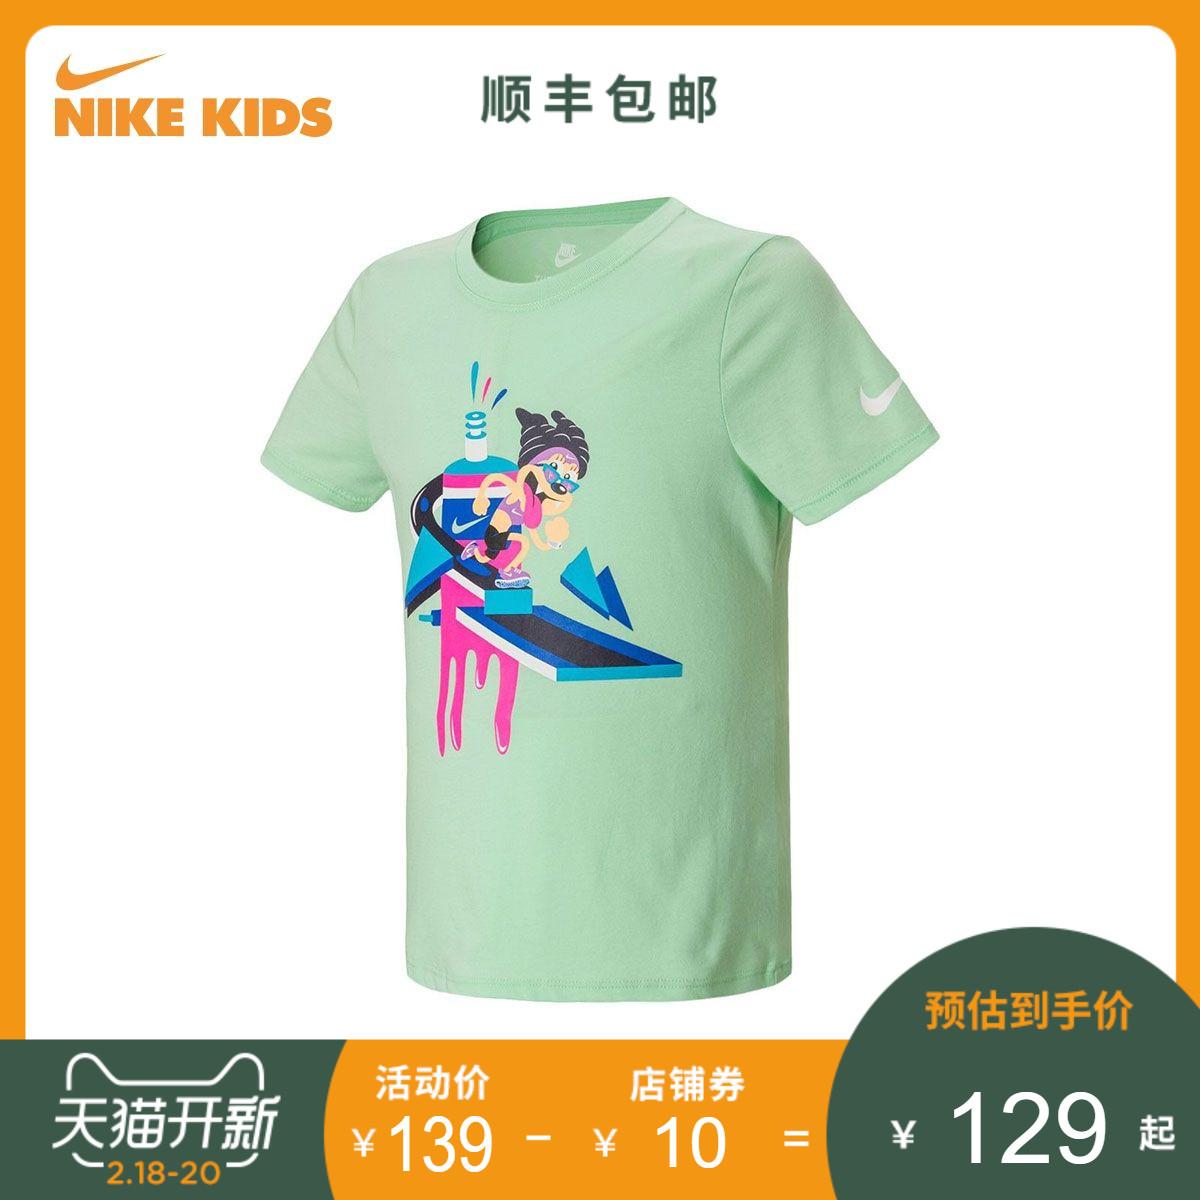 NIKE/耐克儿童棉质短袖女童中大童夏季上衣亲肤透气简洁童装T恤